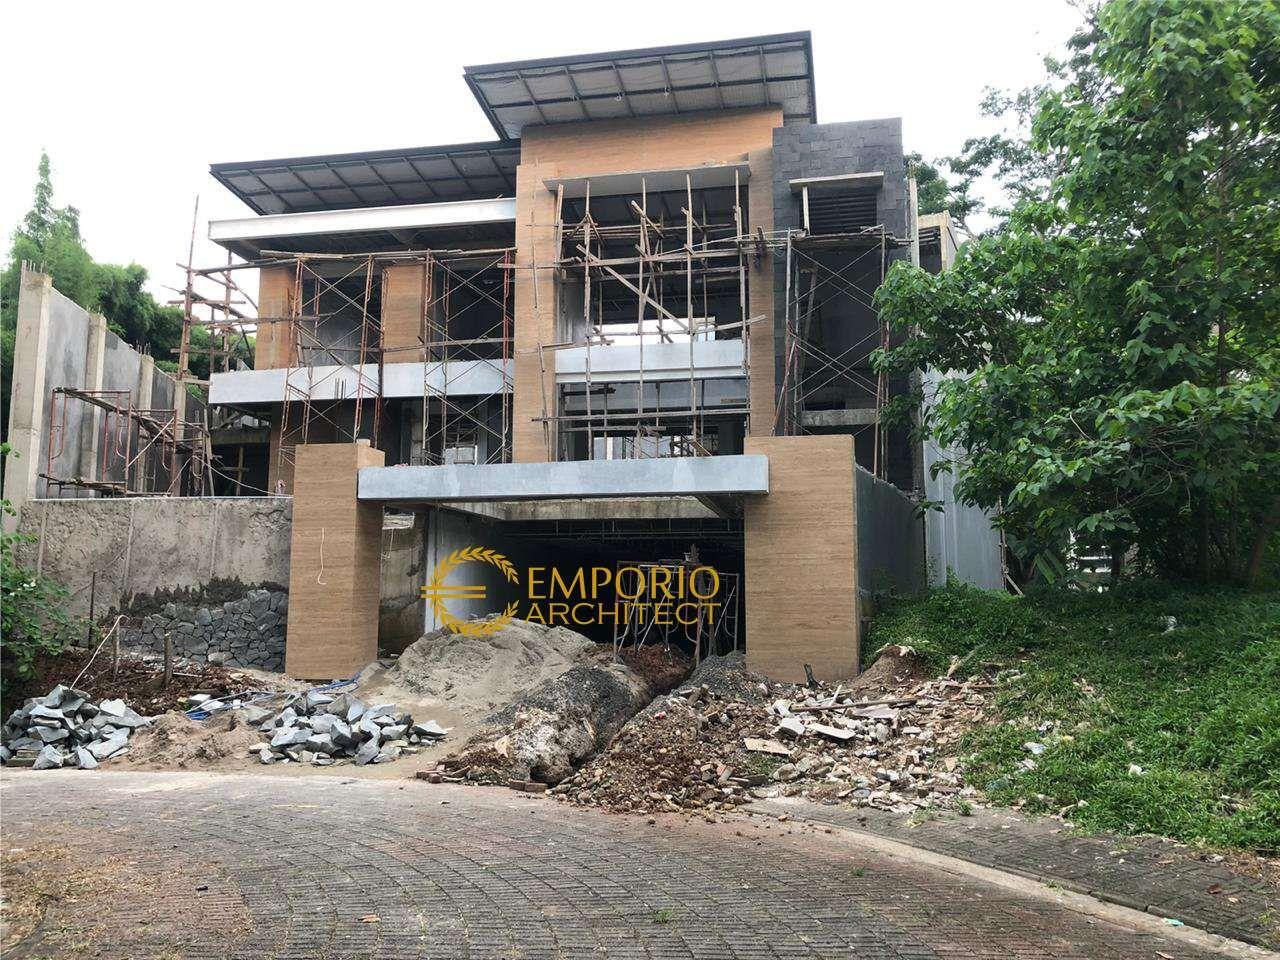 Progress Pembangunan Rumah Bapak Ale di Tangerang, Banten #rumahminimalis#arsitekrumahidaman#arsitekdesainrumah#arsitekrumahmodern#housedesign#desainrumahidaman#desainrumah2lantai#desainrumahkece#rumahcantik#arsitektur#emporioarchitect#jasadesainrumahmewah#arsitekrumahminimalis#arsitekonline#desainrumahelegan#arsitekonlinejakartabarat#arsitekonlinetangerang#arsitekonlinejakartapusat#arsitekonlinedkijakarta#arsitekonlinepasuruan#arsitekonlinepaserutara#arsitekonlinemataram